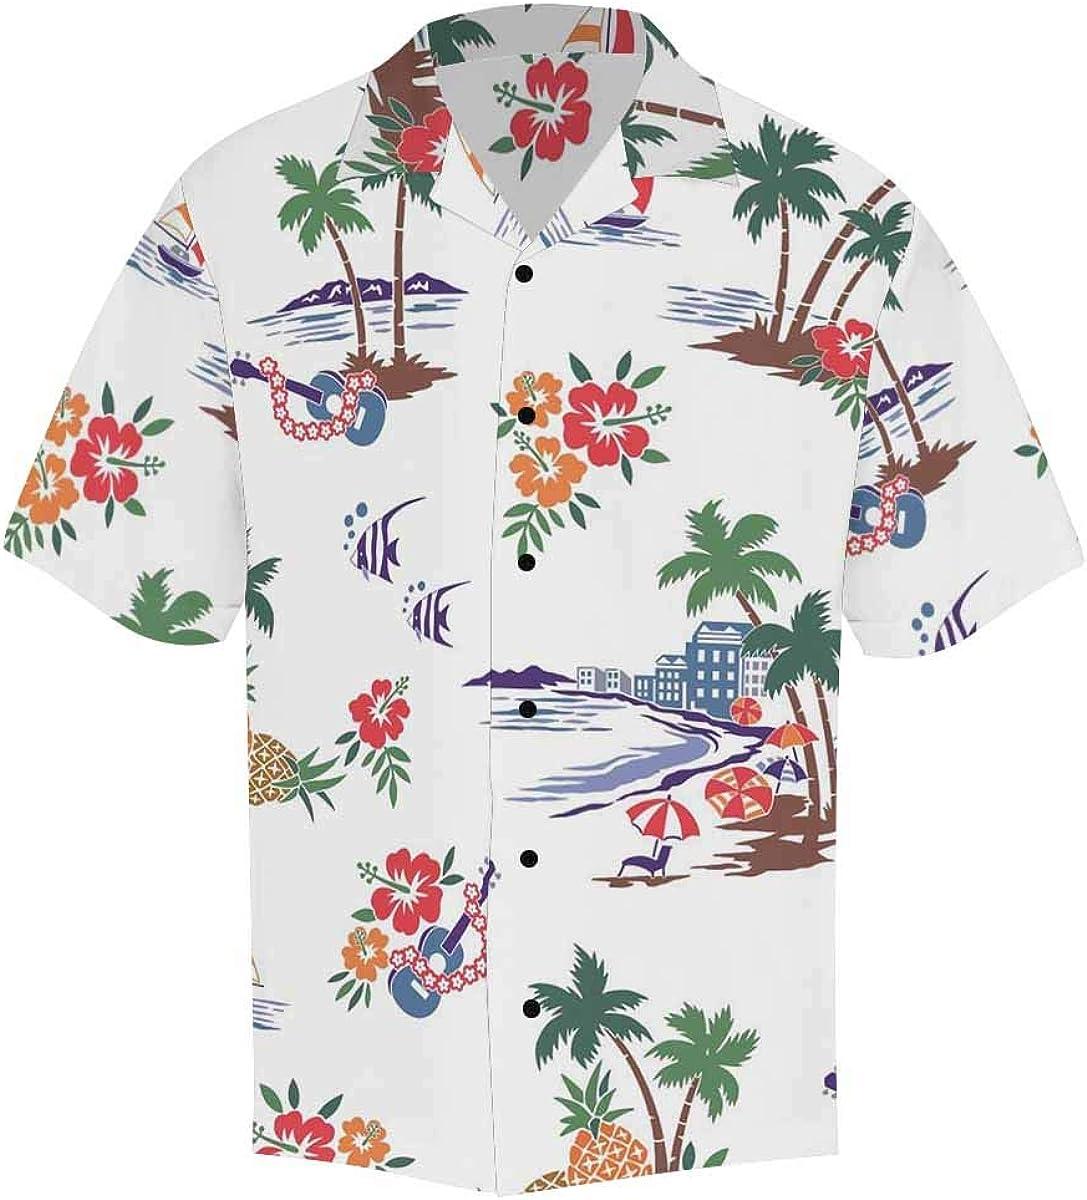 InterestPrint Men's Casual Button Down Short Sleeve Hippie Peace Love Hawaiian Shirt (S-5XL)